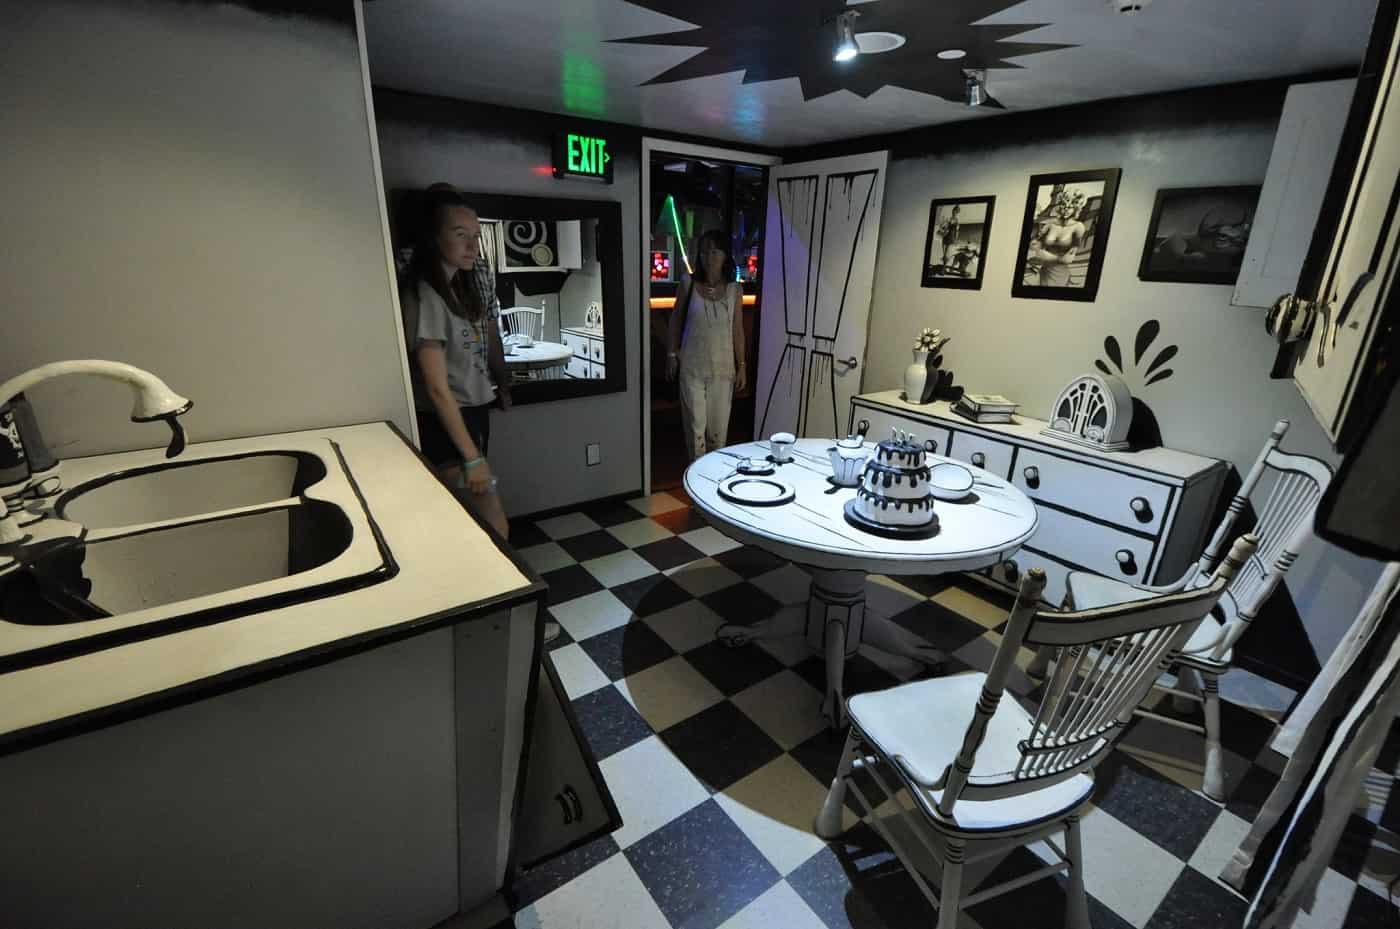 Kitchen in Meow Wolf exhibit - Art reimagined